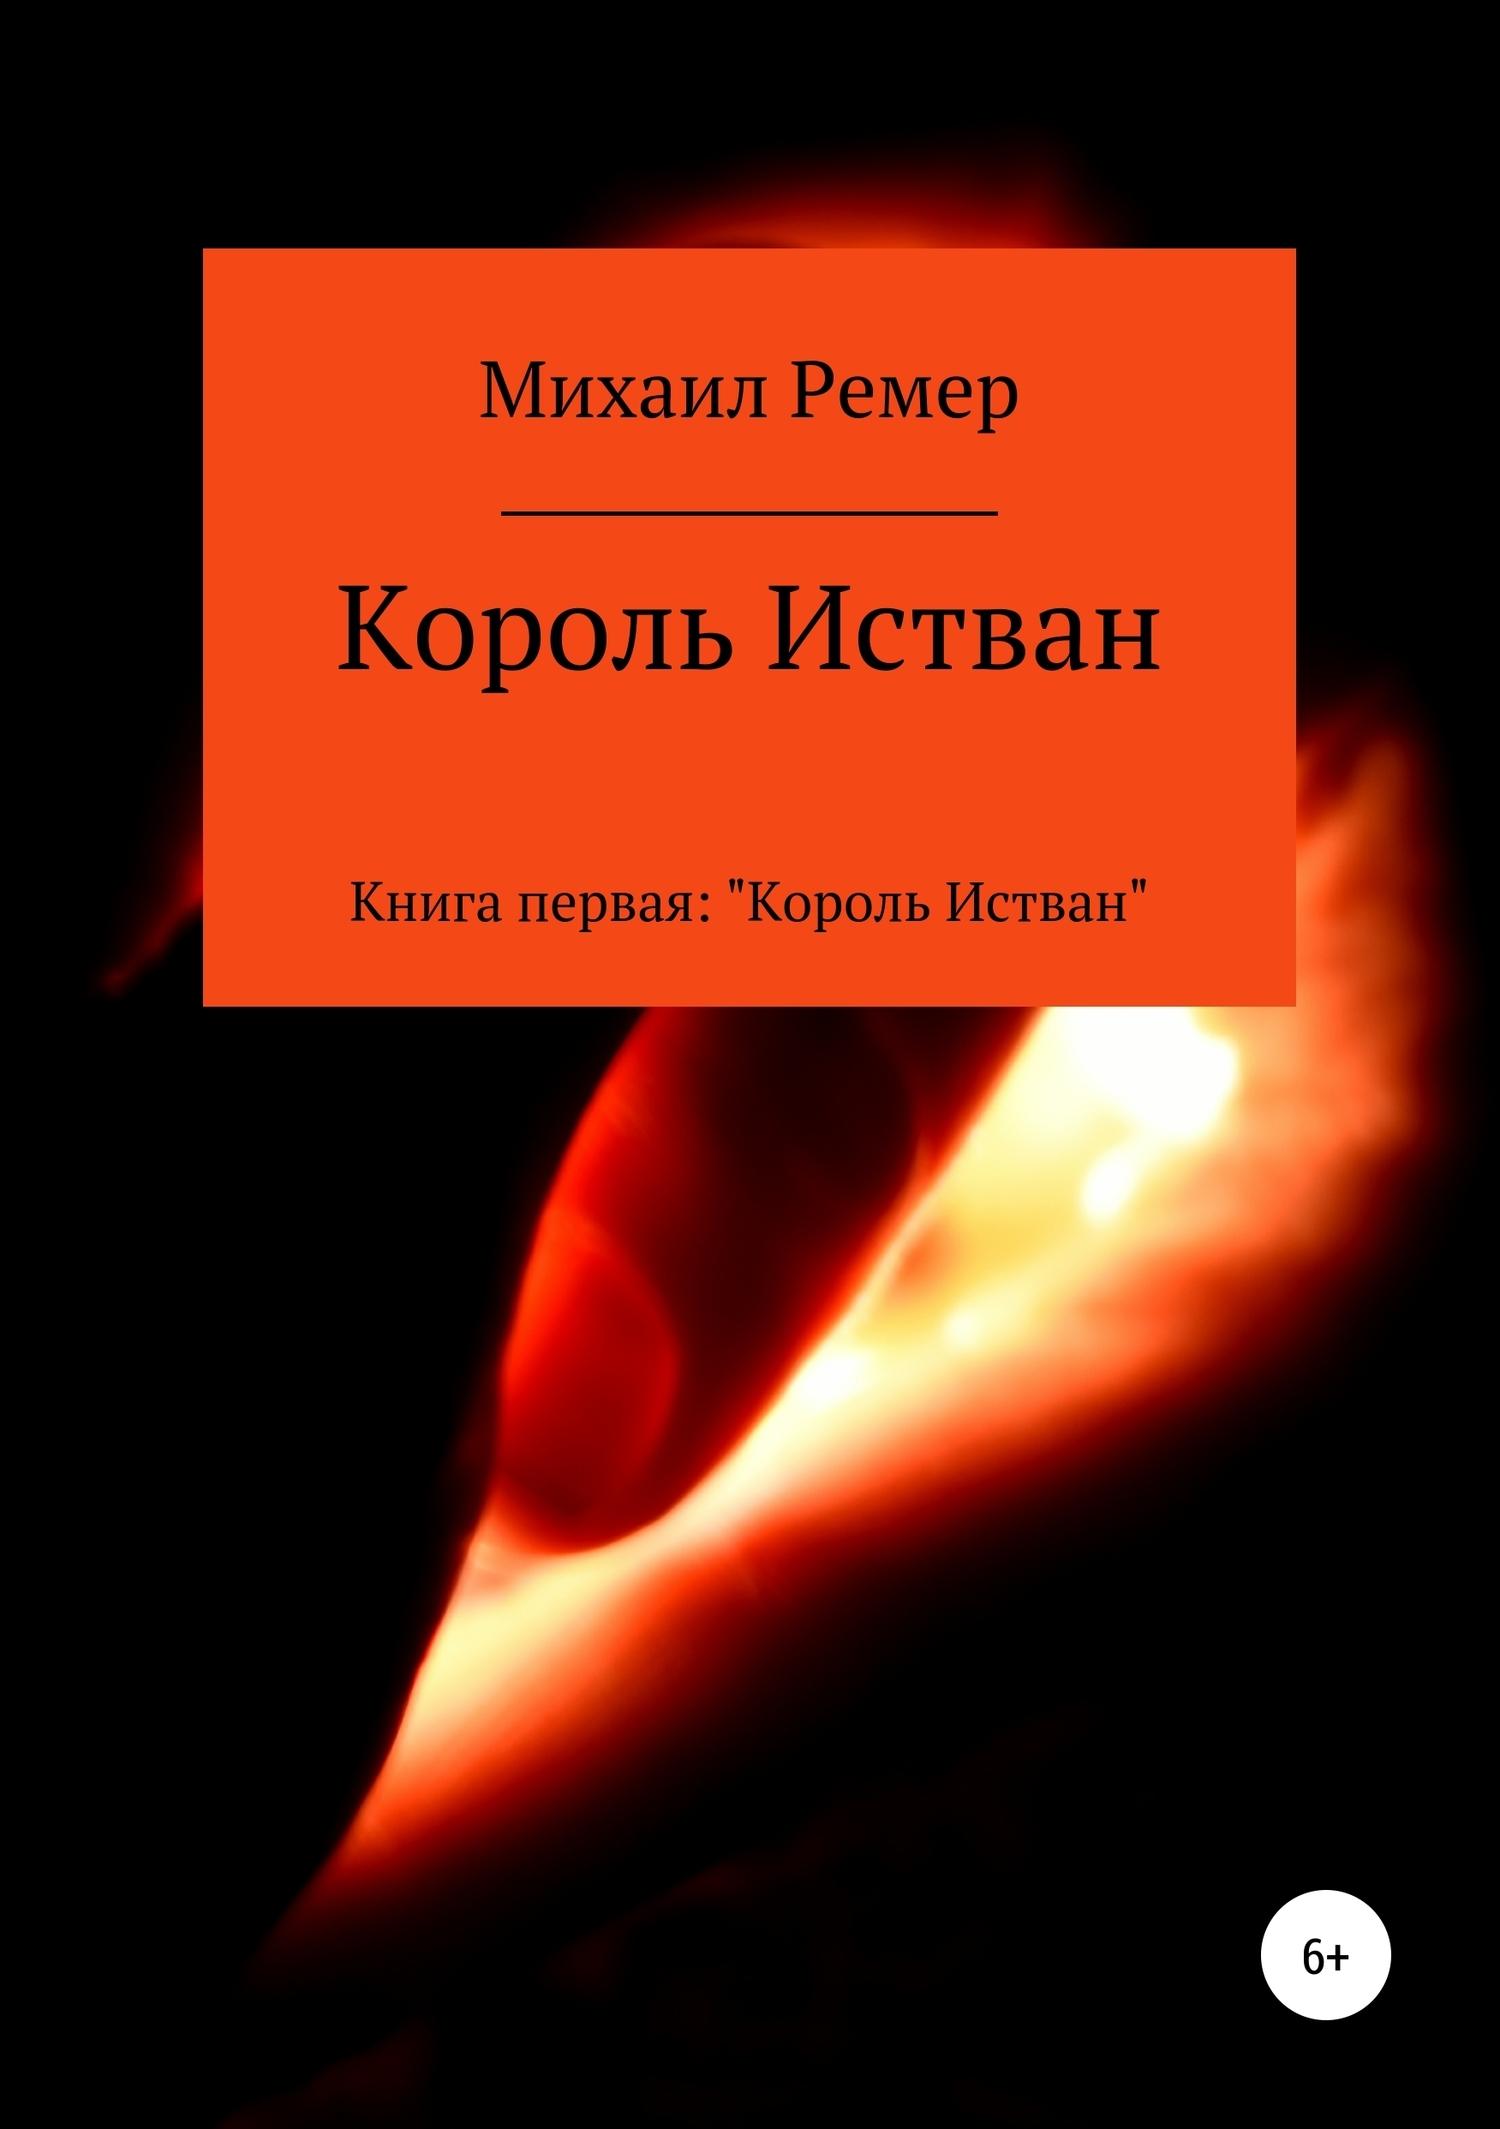 Король Истван. Книга первая: Король Истван